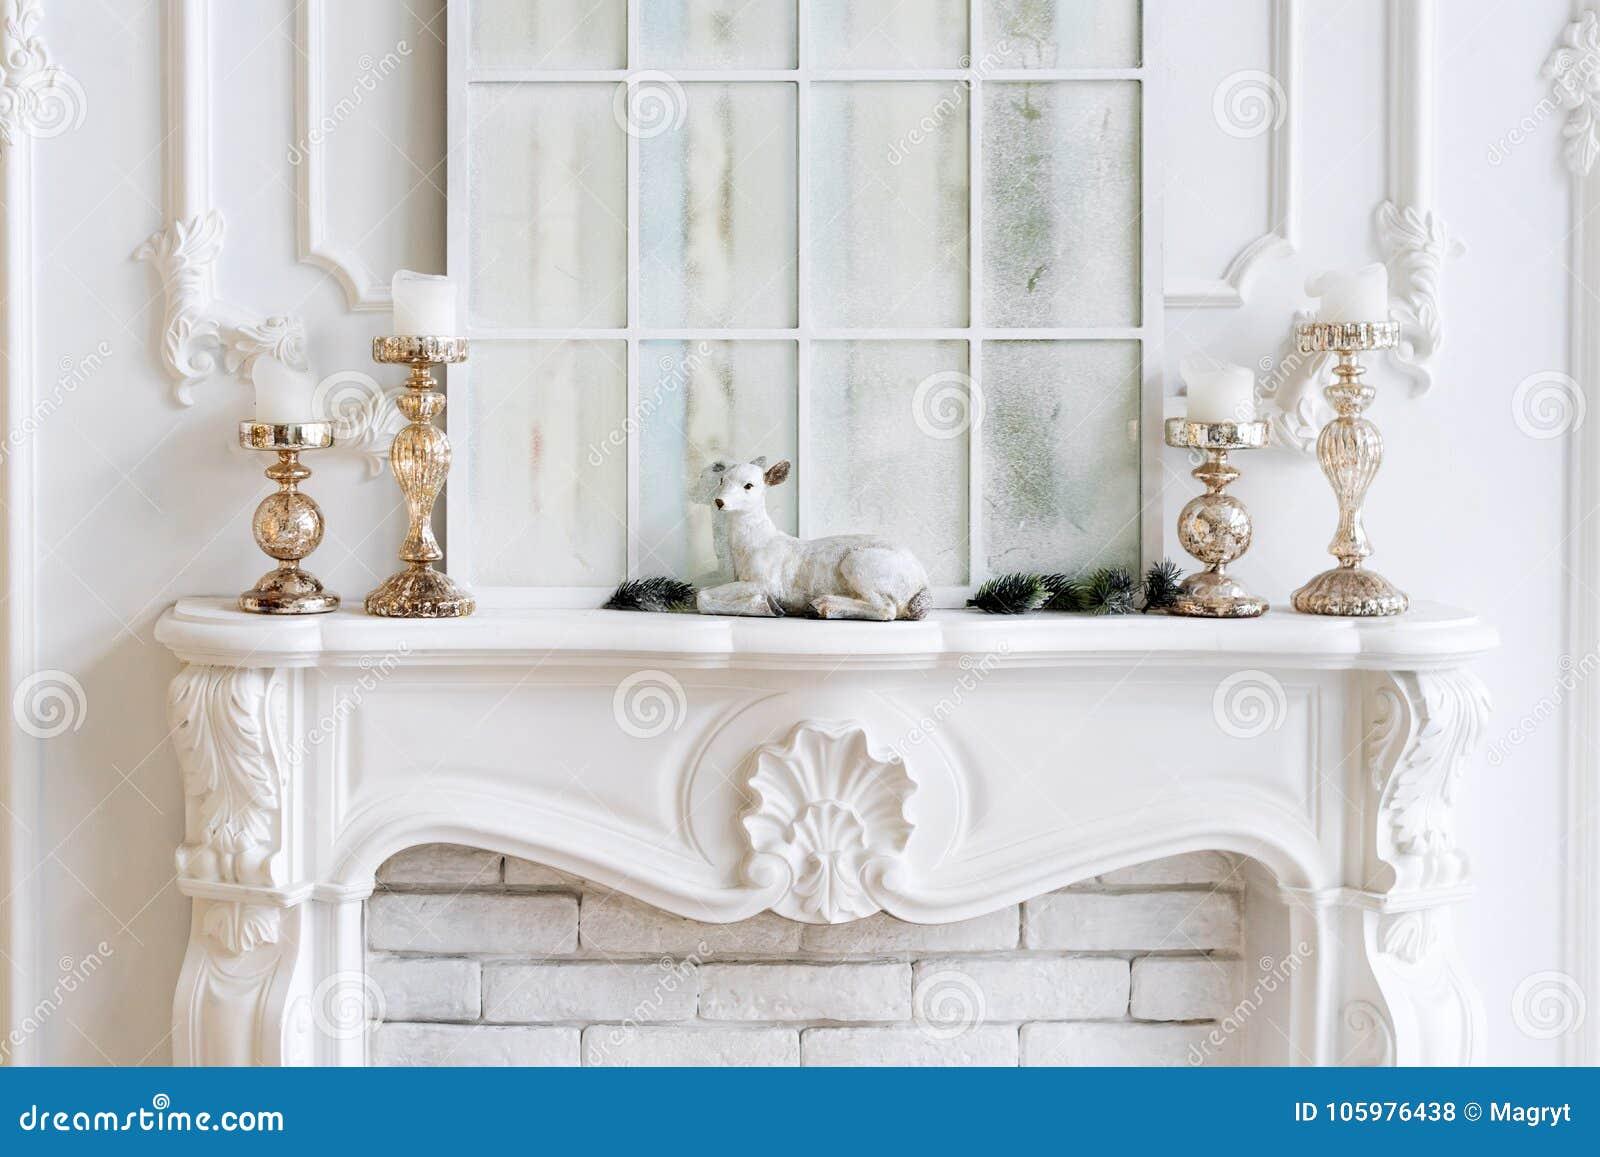 manteau de chemine blanc avec des bougies et des dcorations de nol intrieur classique